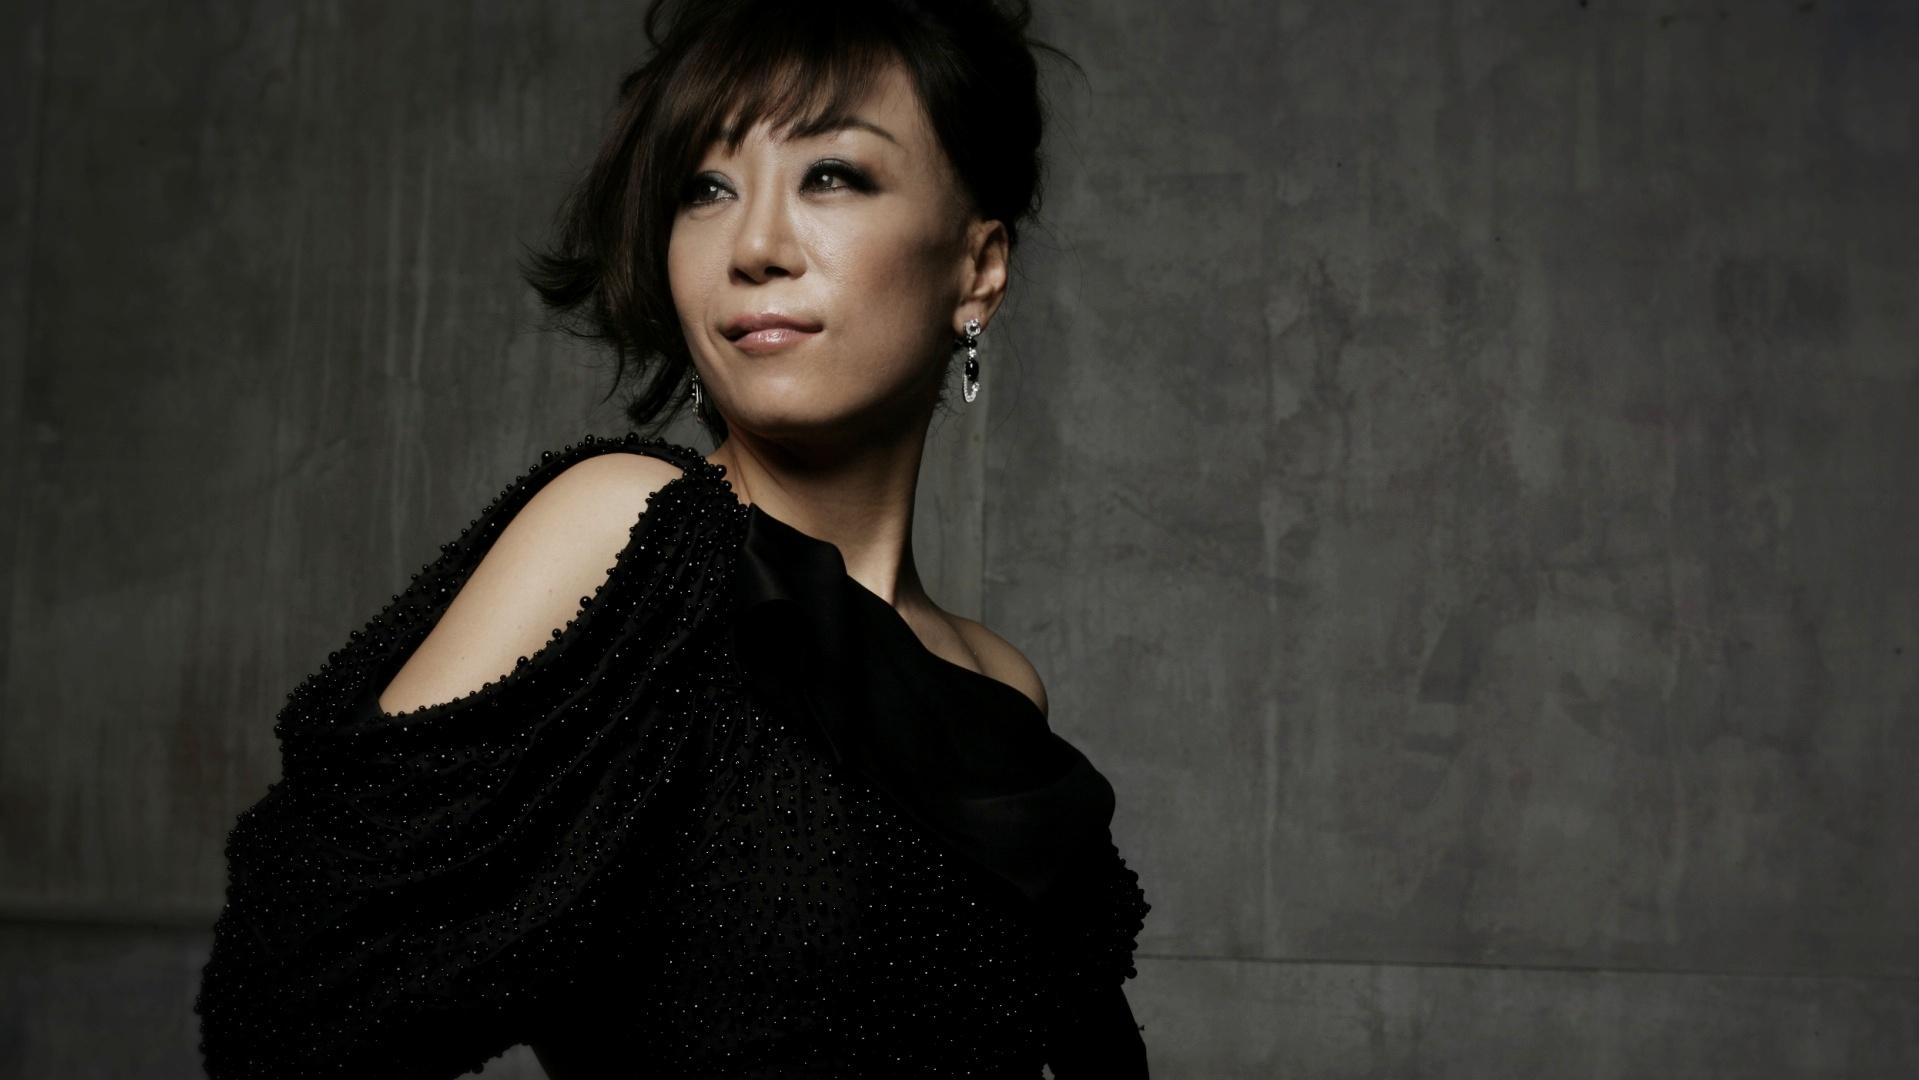 Gala: Sumi Jo